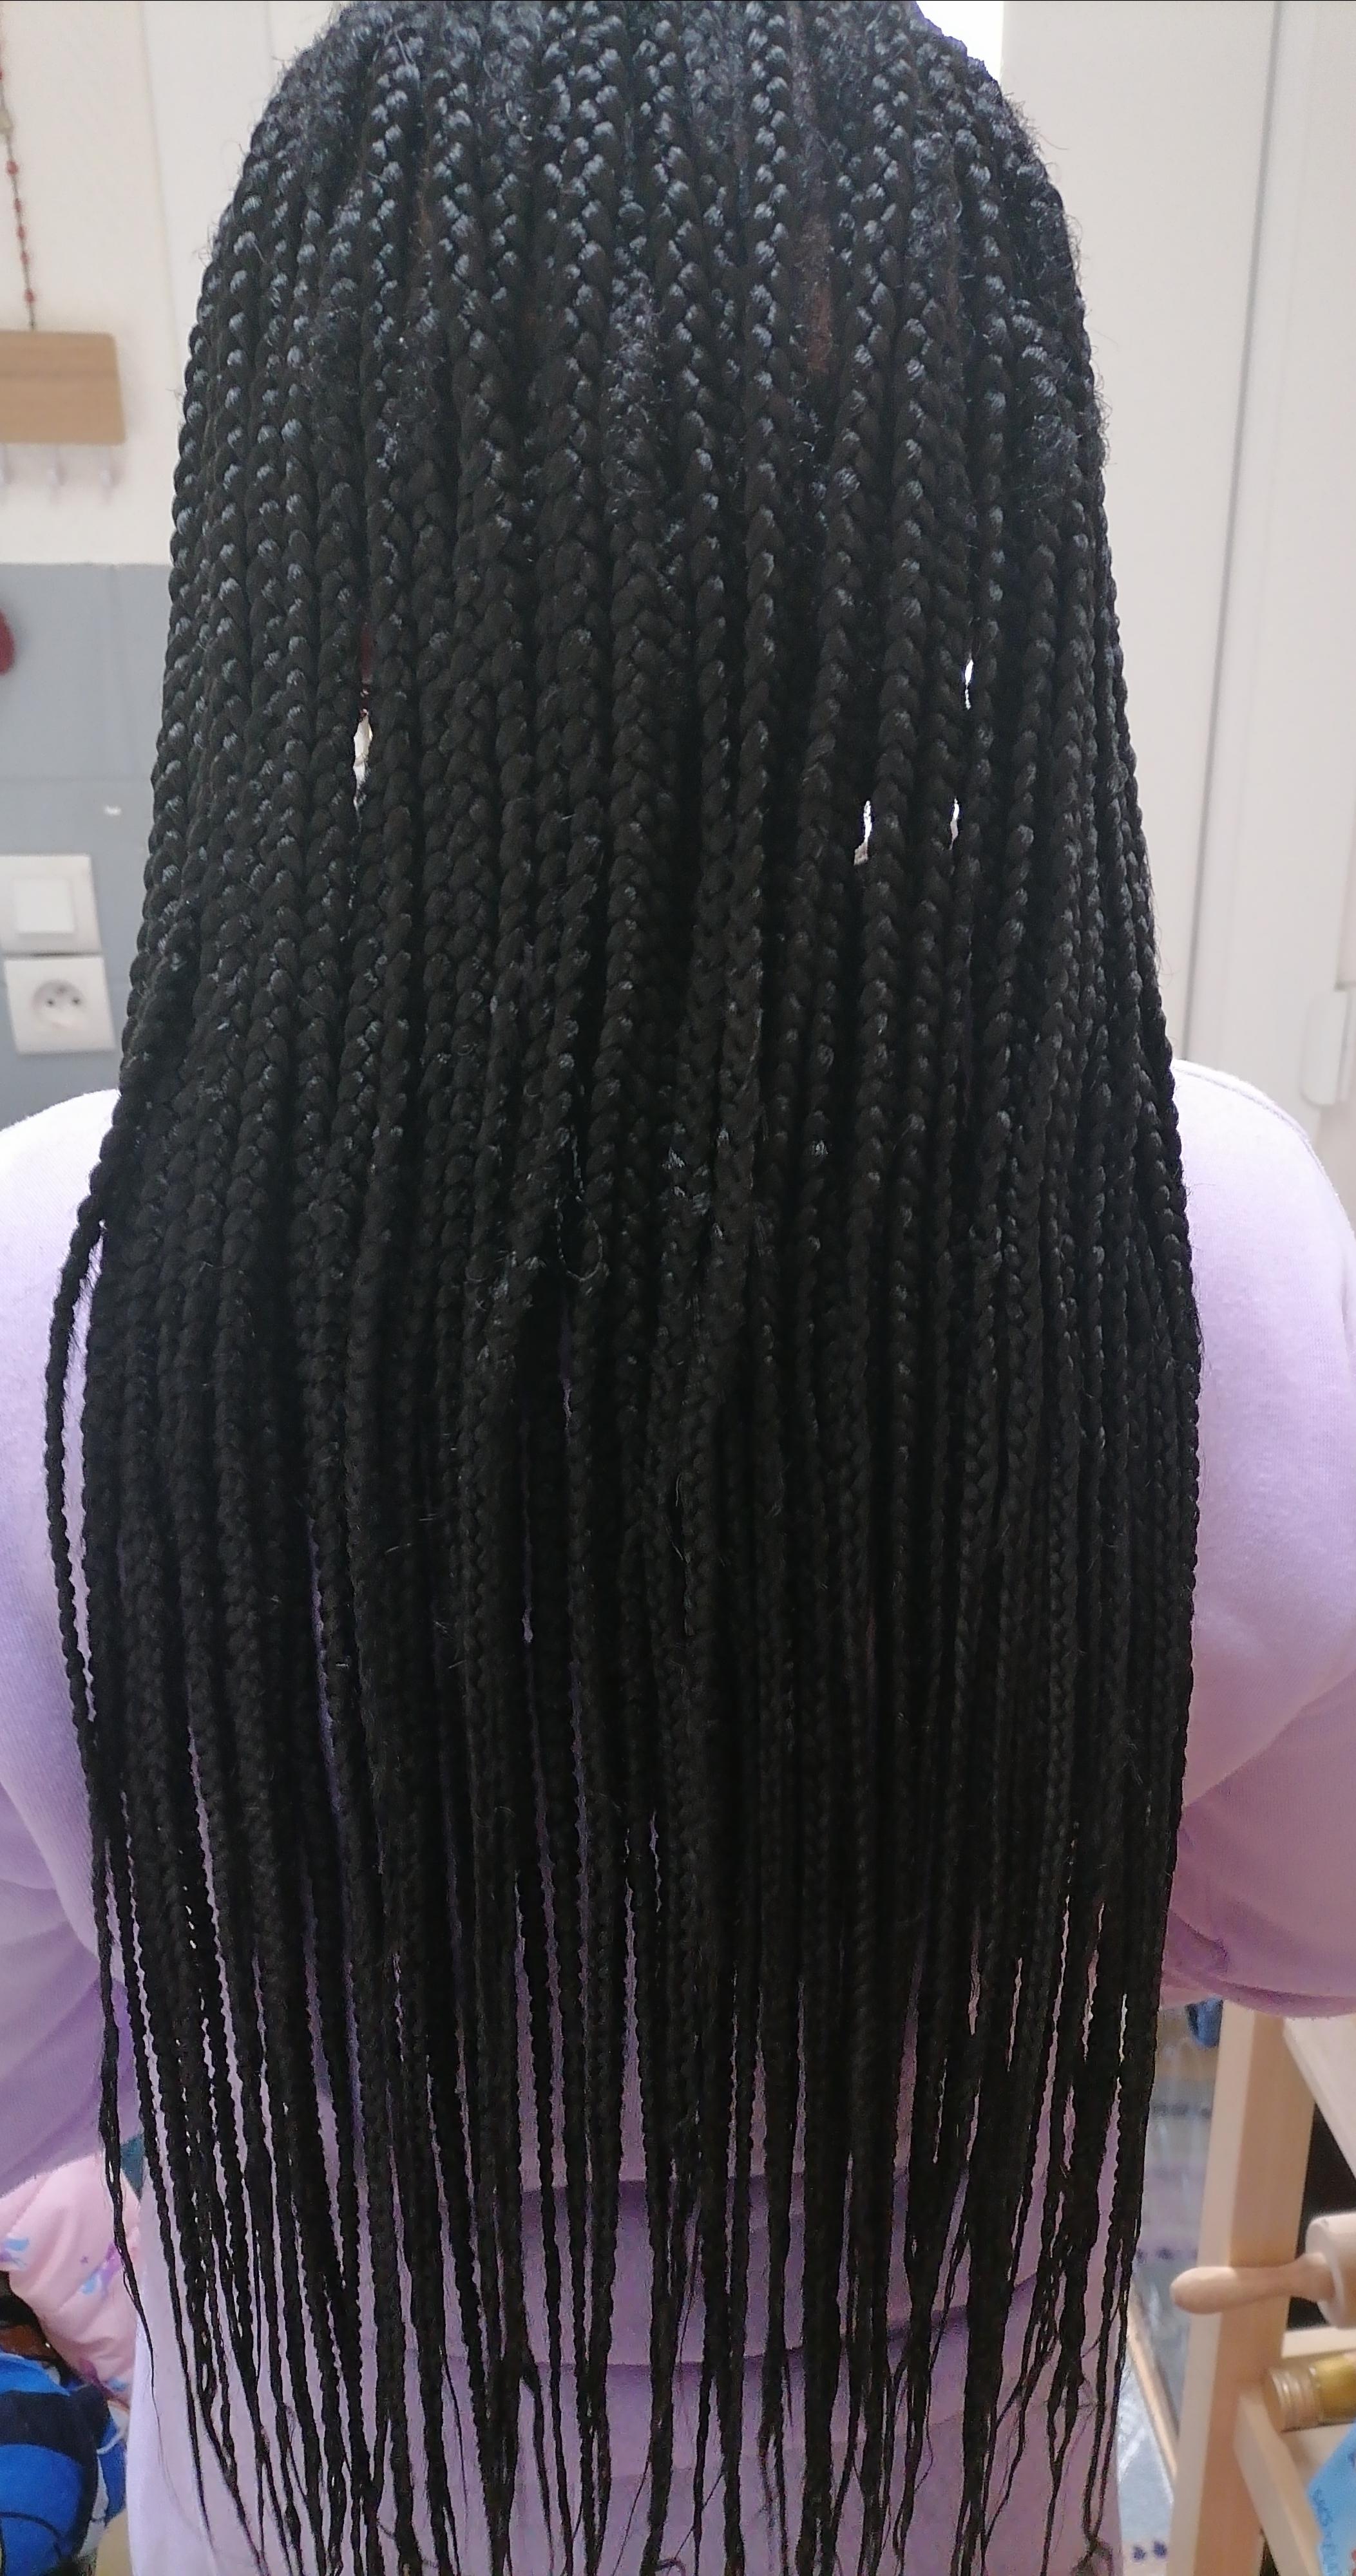 salon de coiffure afro tresse tresses box braids crochet braids vanilles tissages paris 75 77 78 91 92 93 94 95 PPPWXTVG